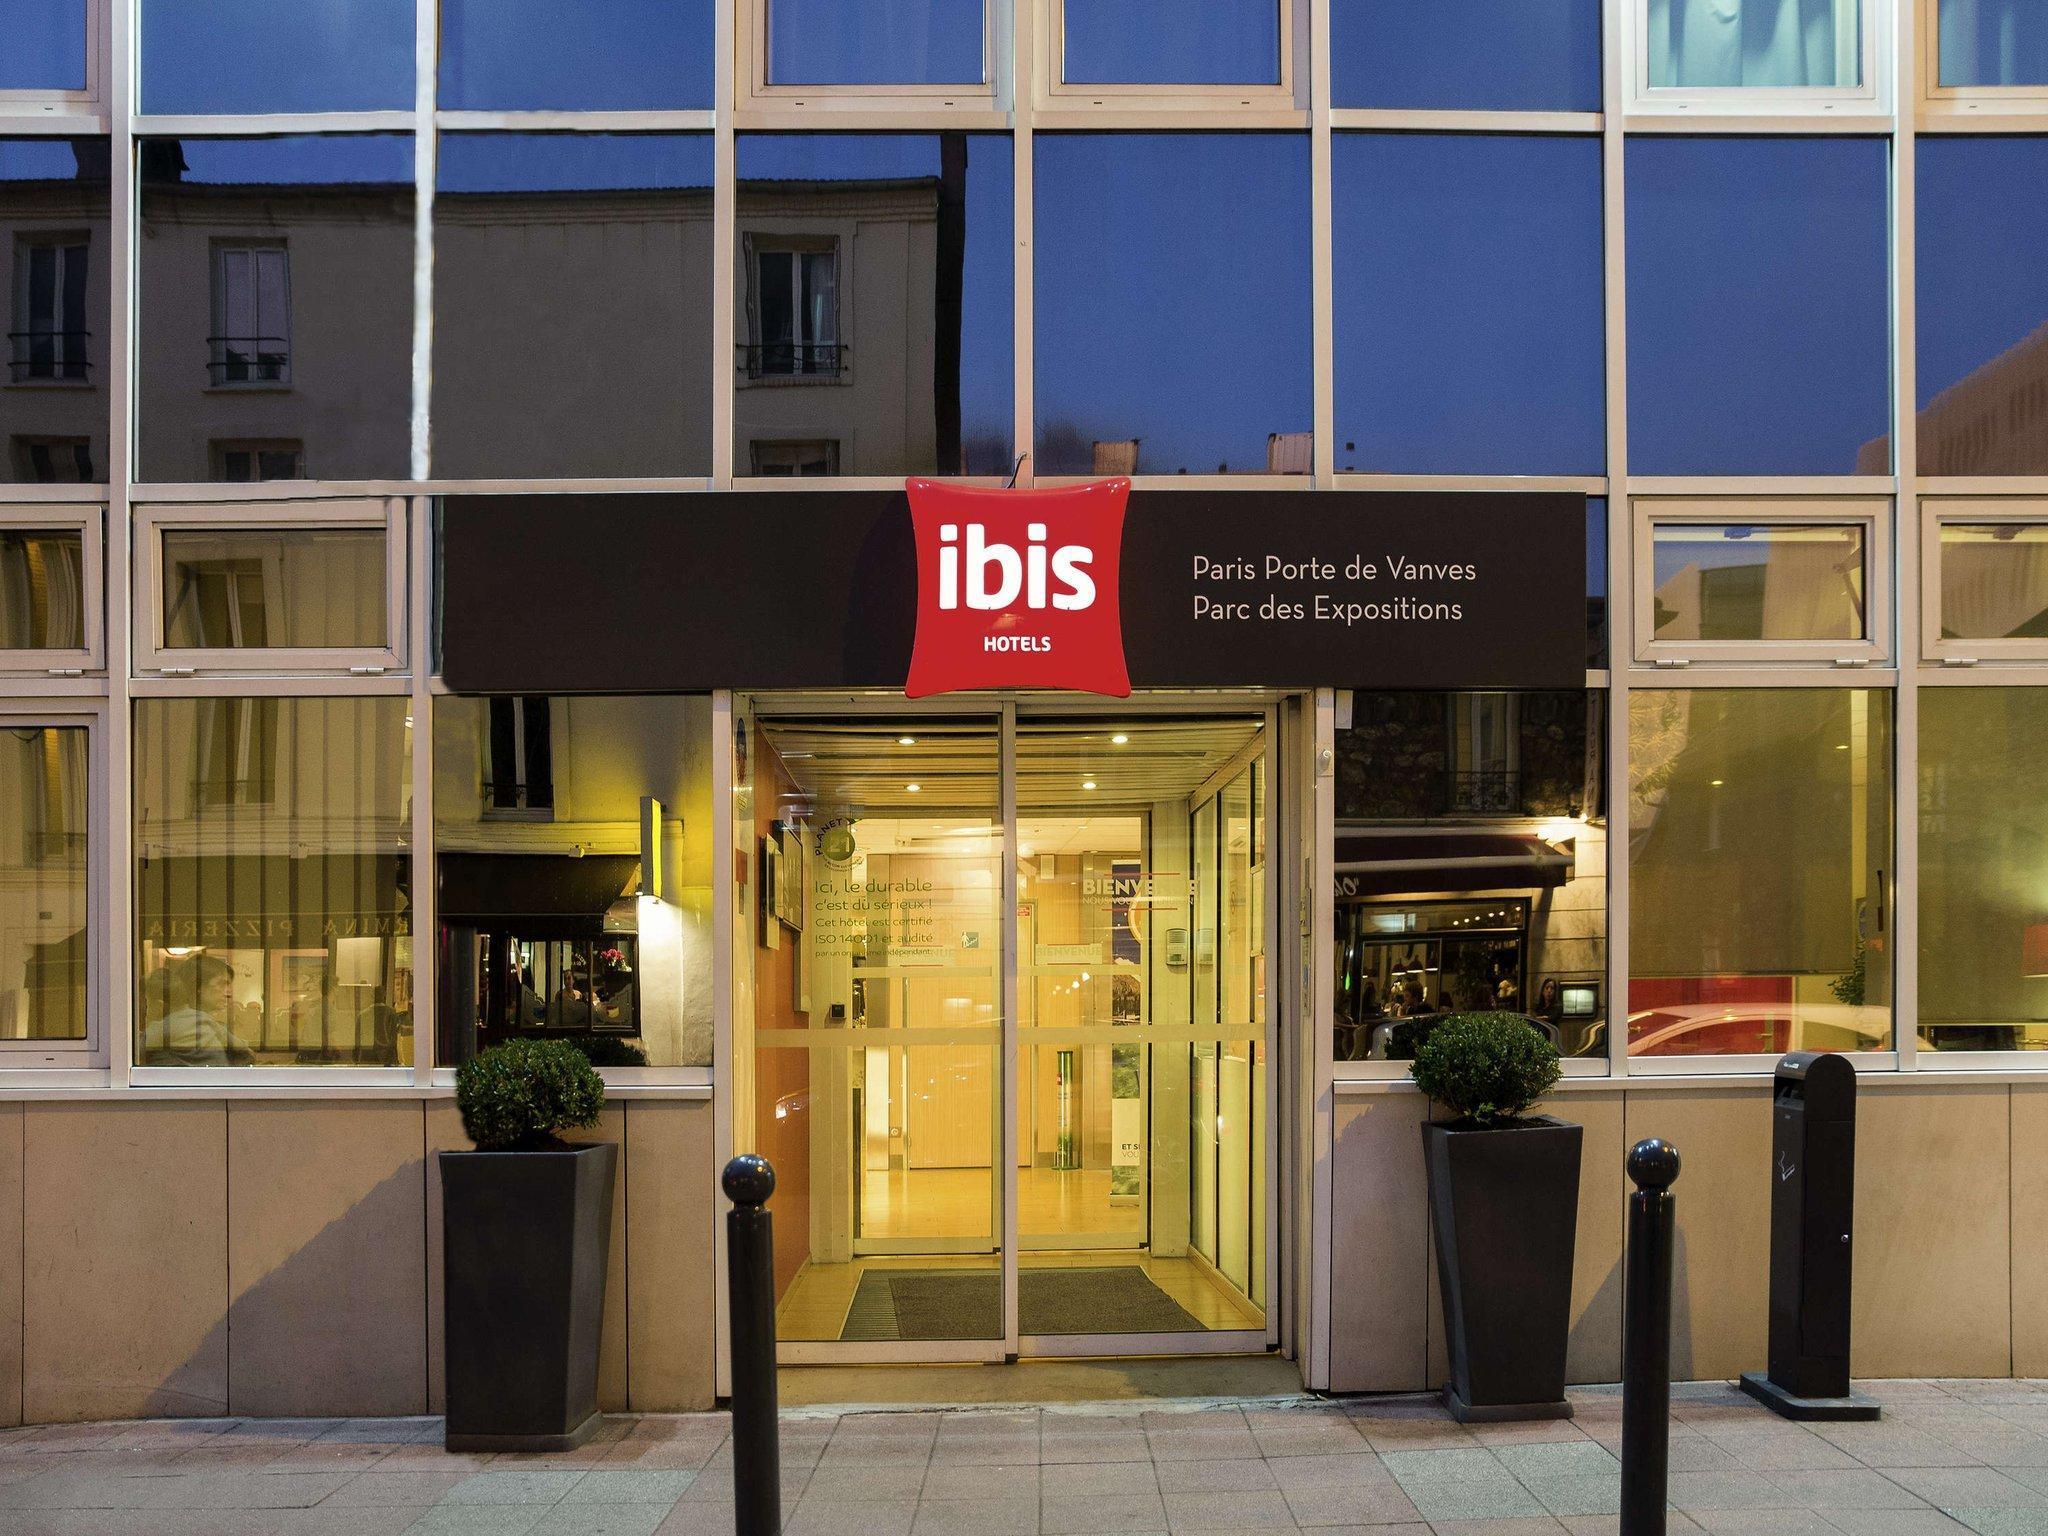 Ibis Paris Porte De Vanves Parc Des Expositions